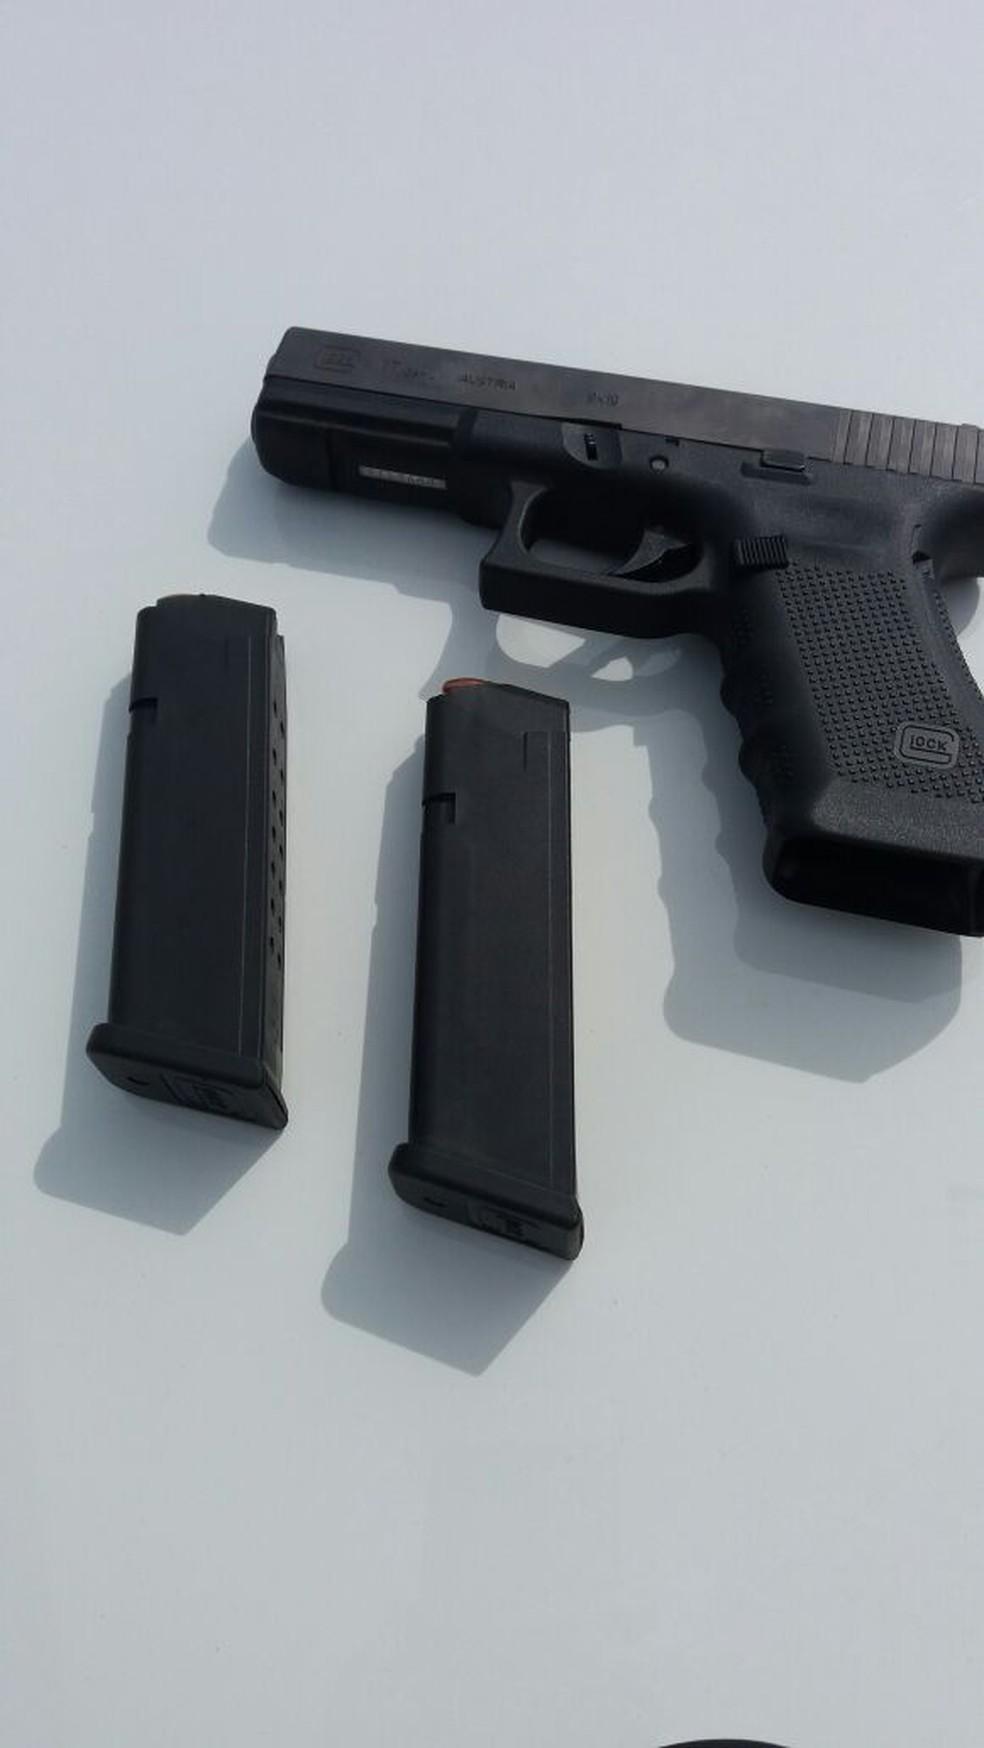 Polícia encontrou em fundo falso uma pistola 9 mm com 26 munições e dois carregadores (Foto: PRE/Divulgação)